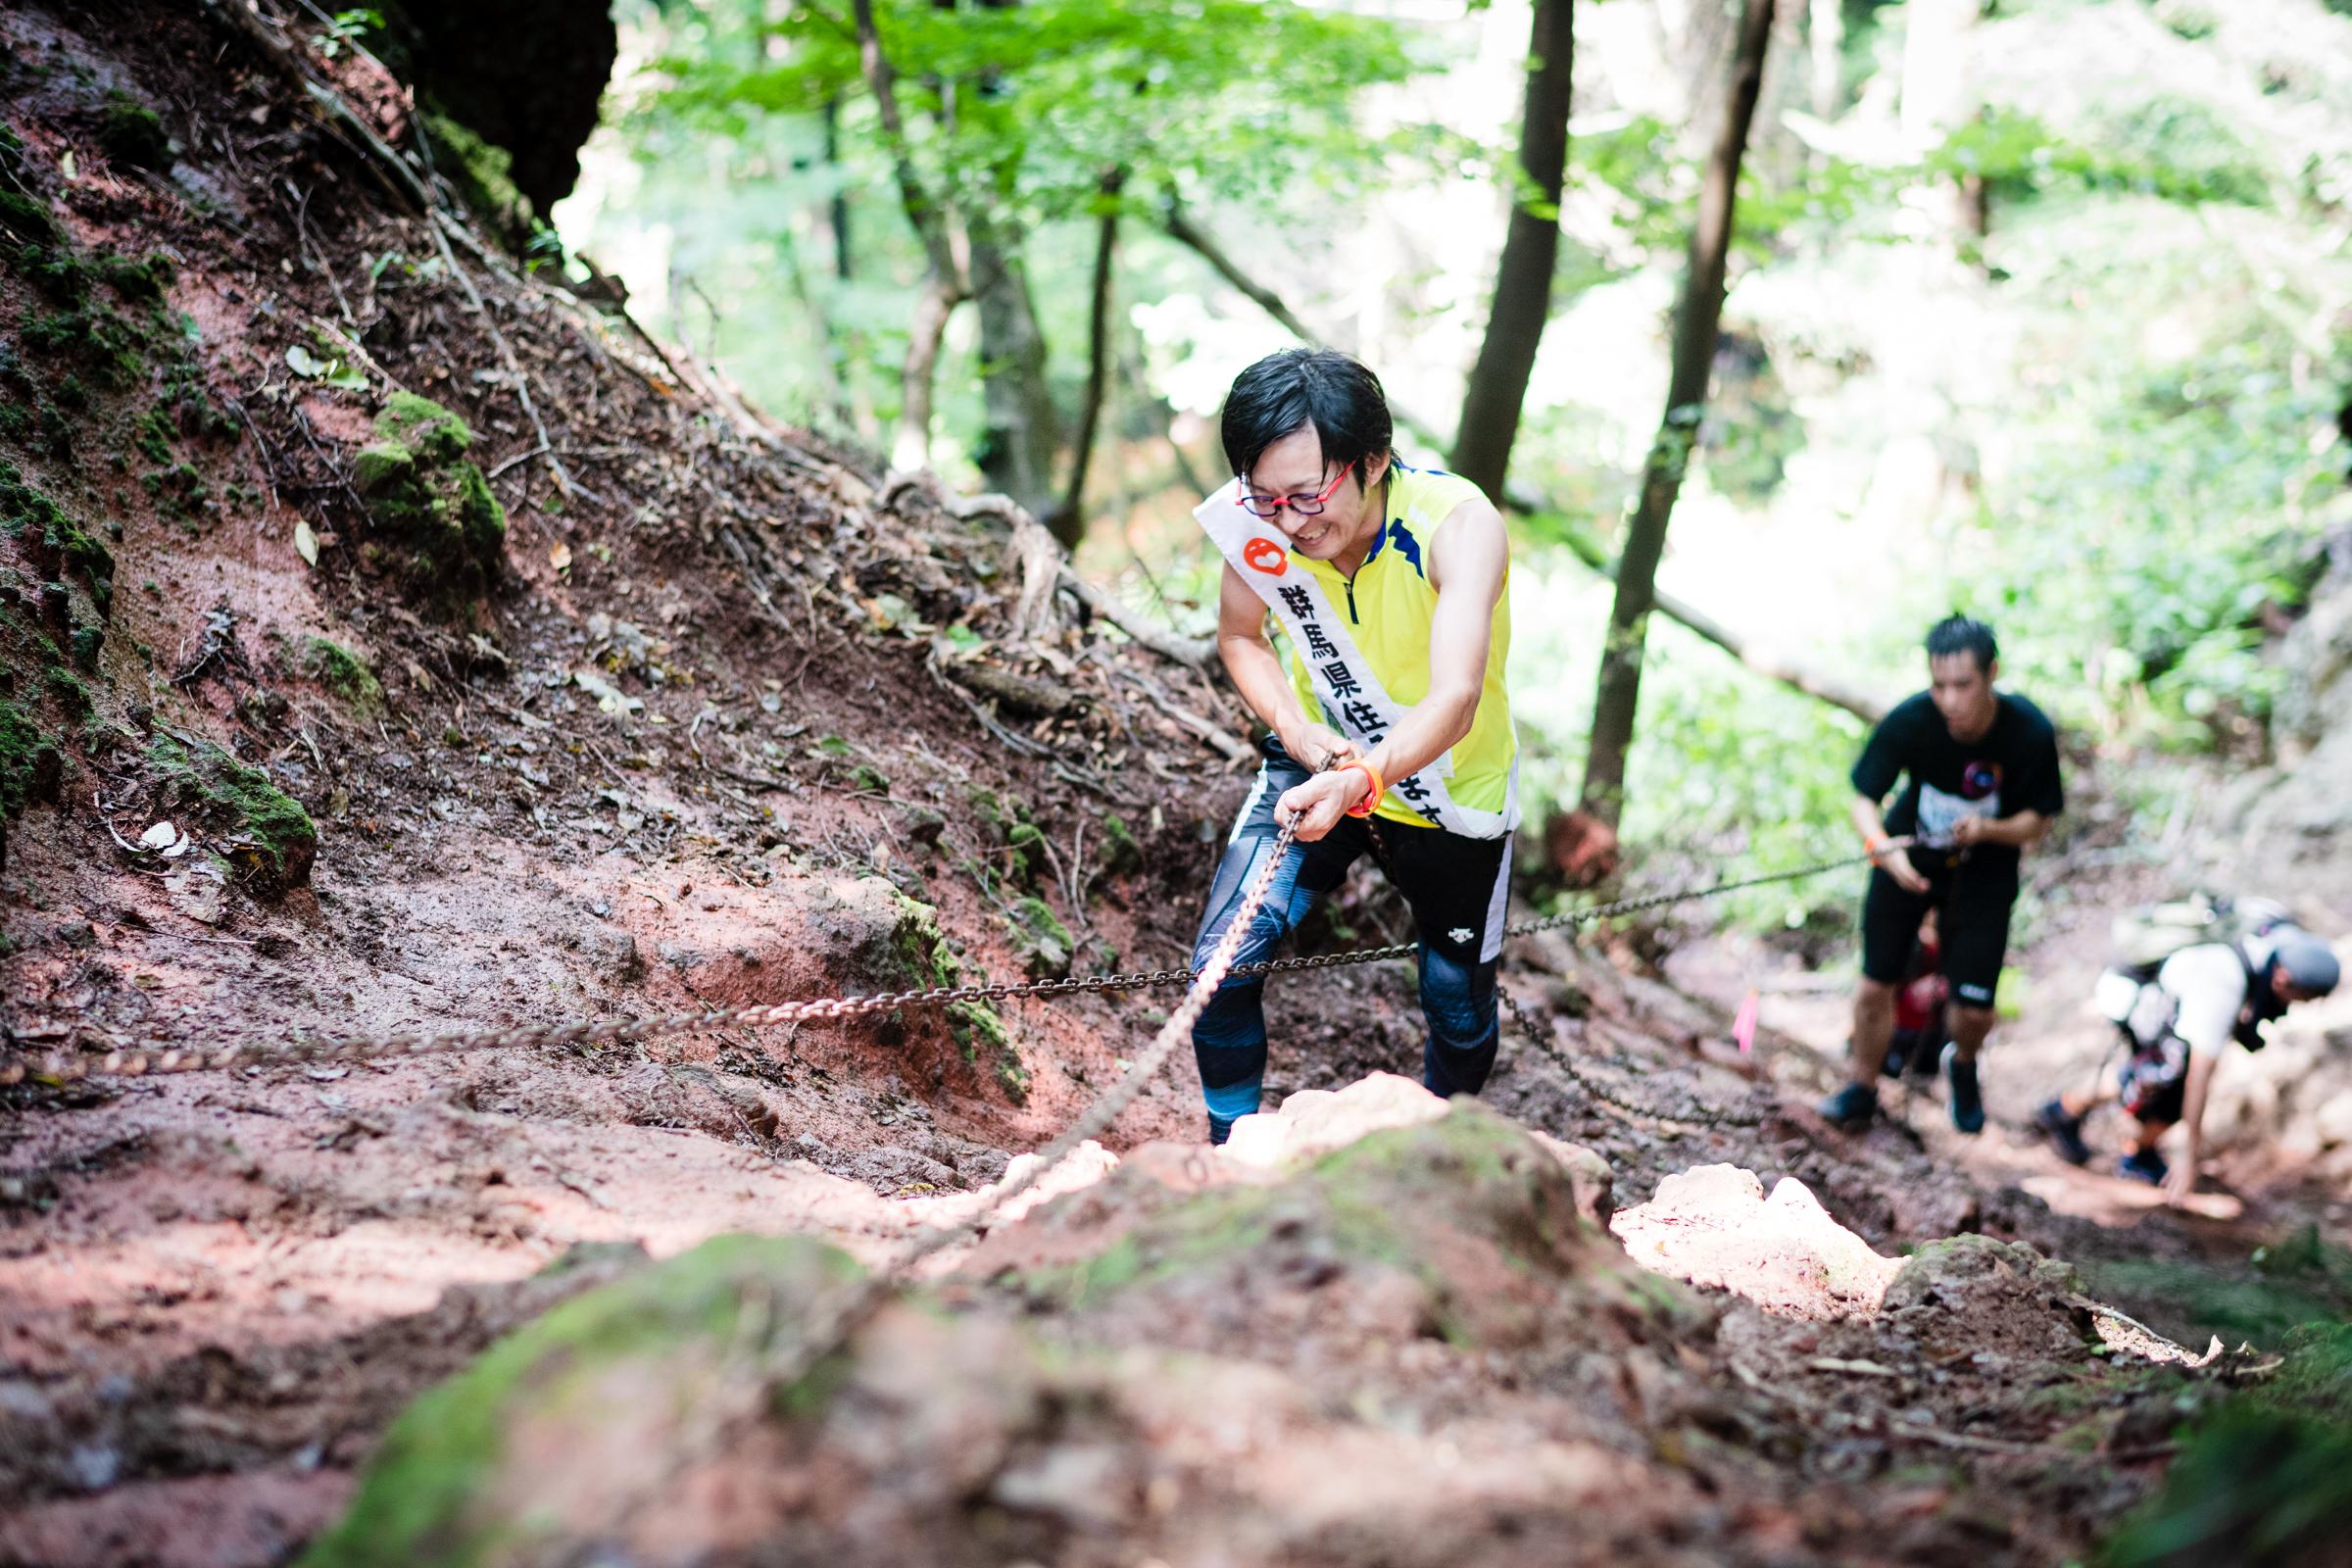 住みます芸人、アンカンミンカンの富所さんもスカイランニング初体験 ©THE岩櫃城忍び登山